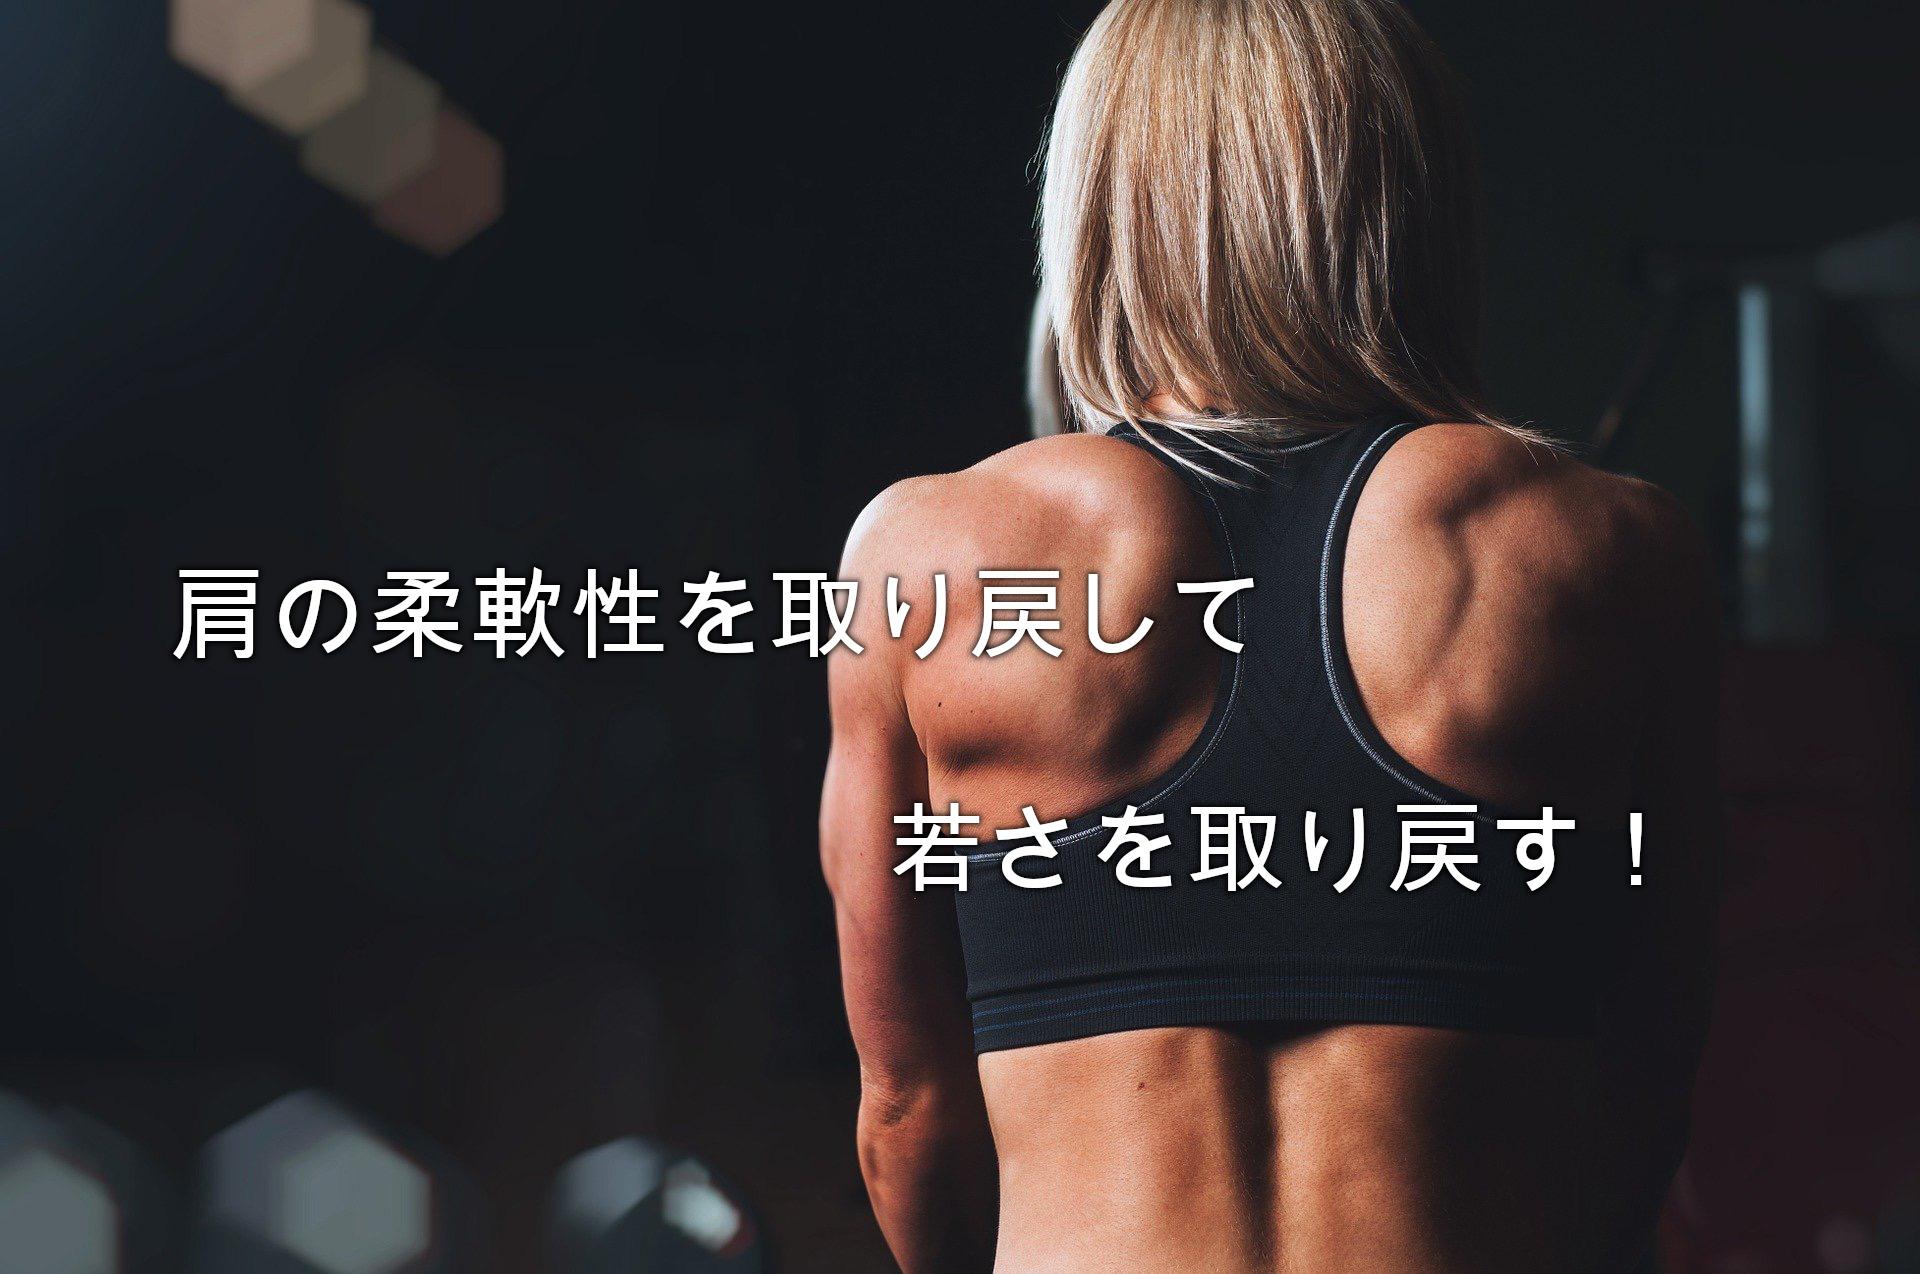 肩のストレッチ